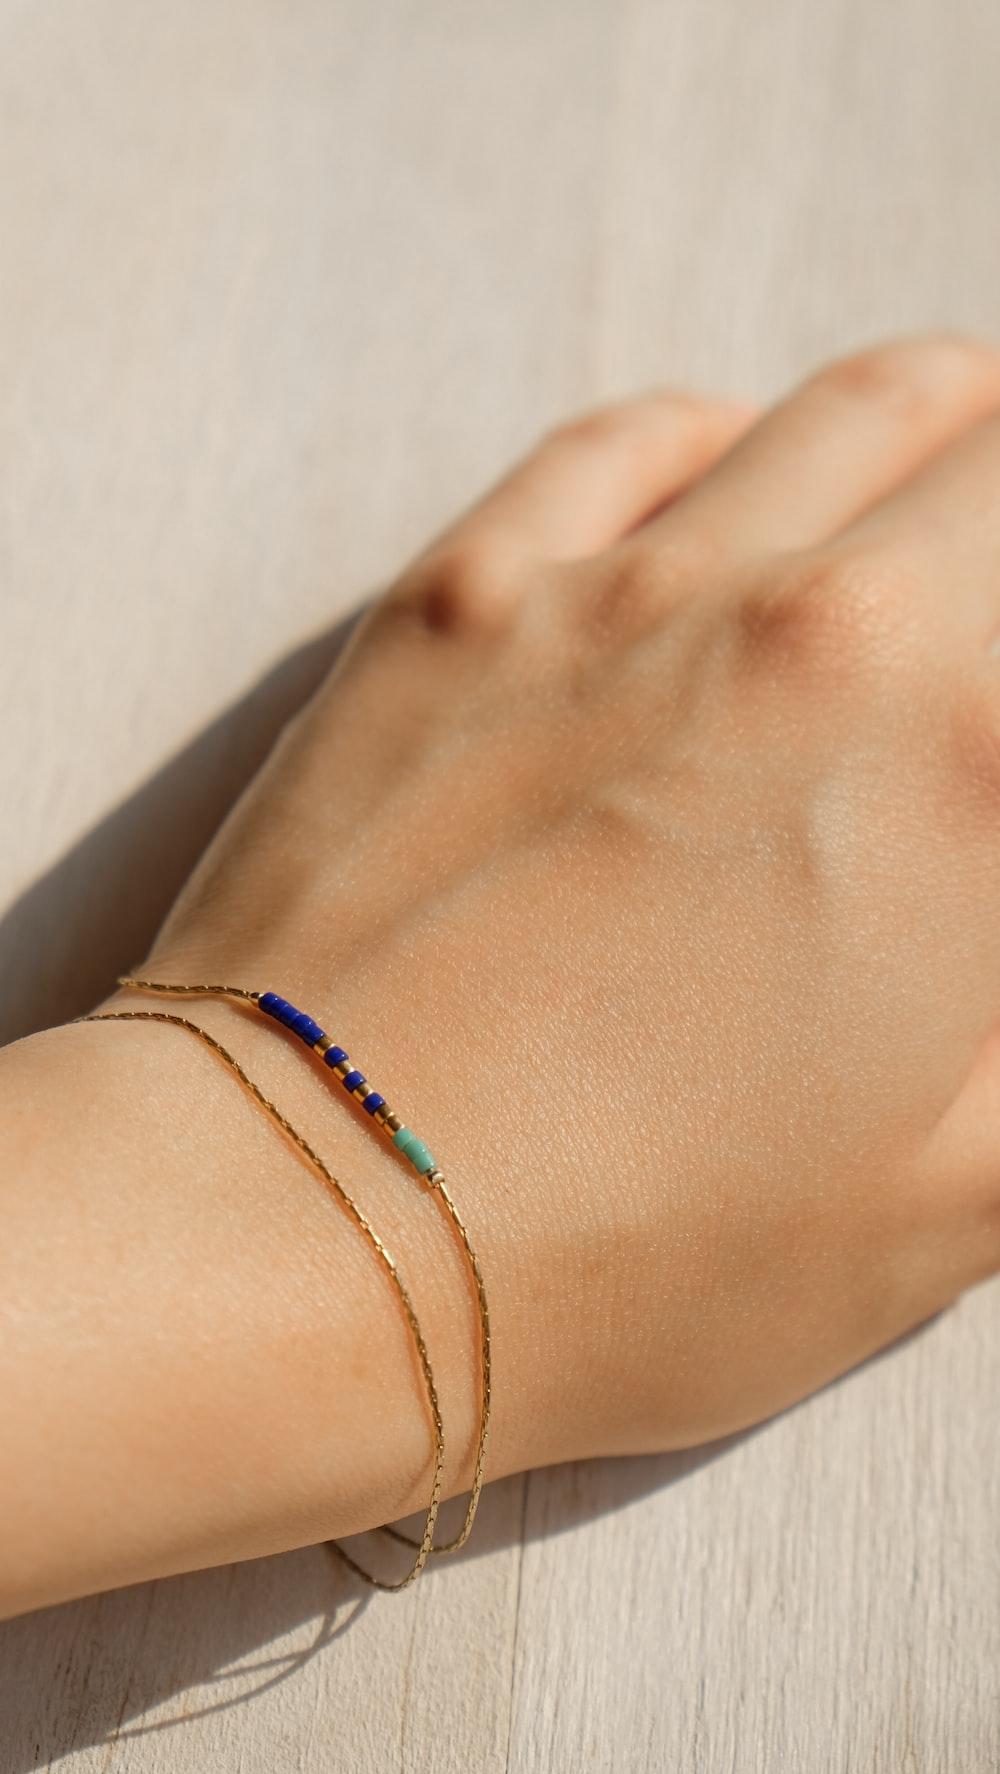 gold-colored bracelet